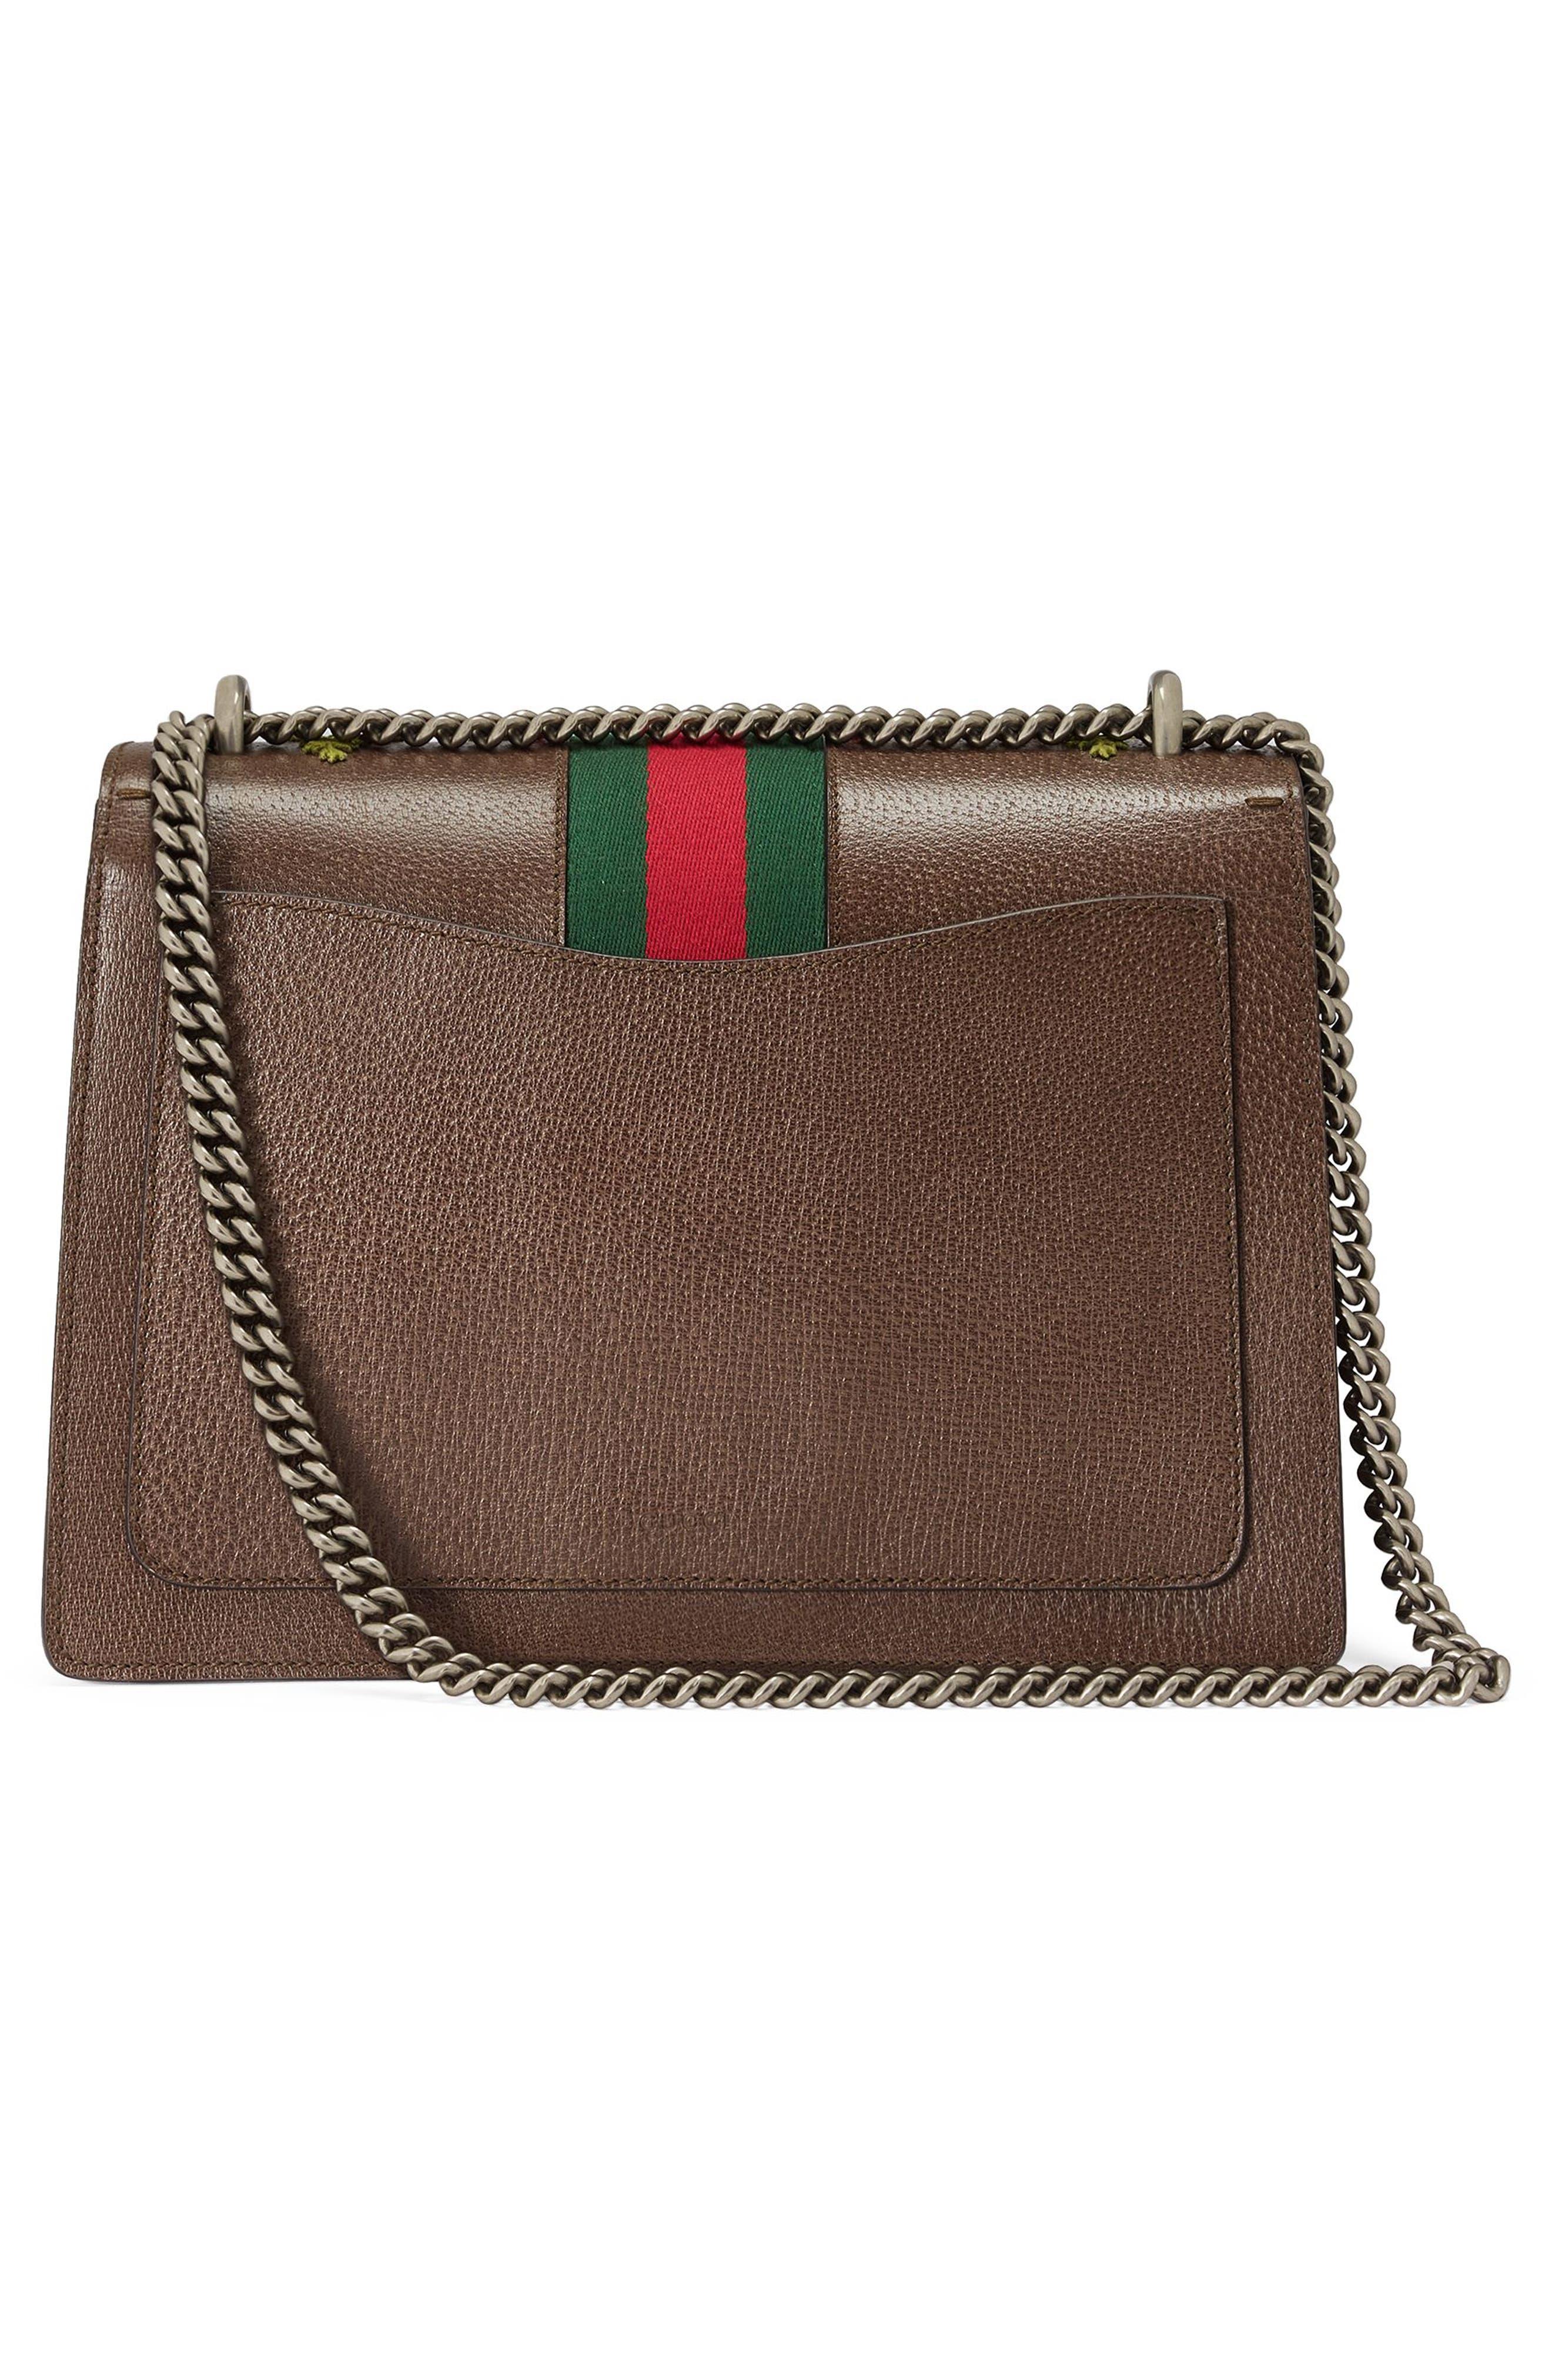 Medium Dionysus Embroidered Leather Shoulder Bag,                             Alternate thumbnail 2, color,                             031